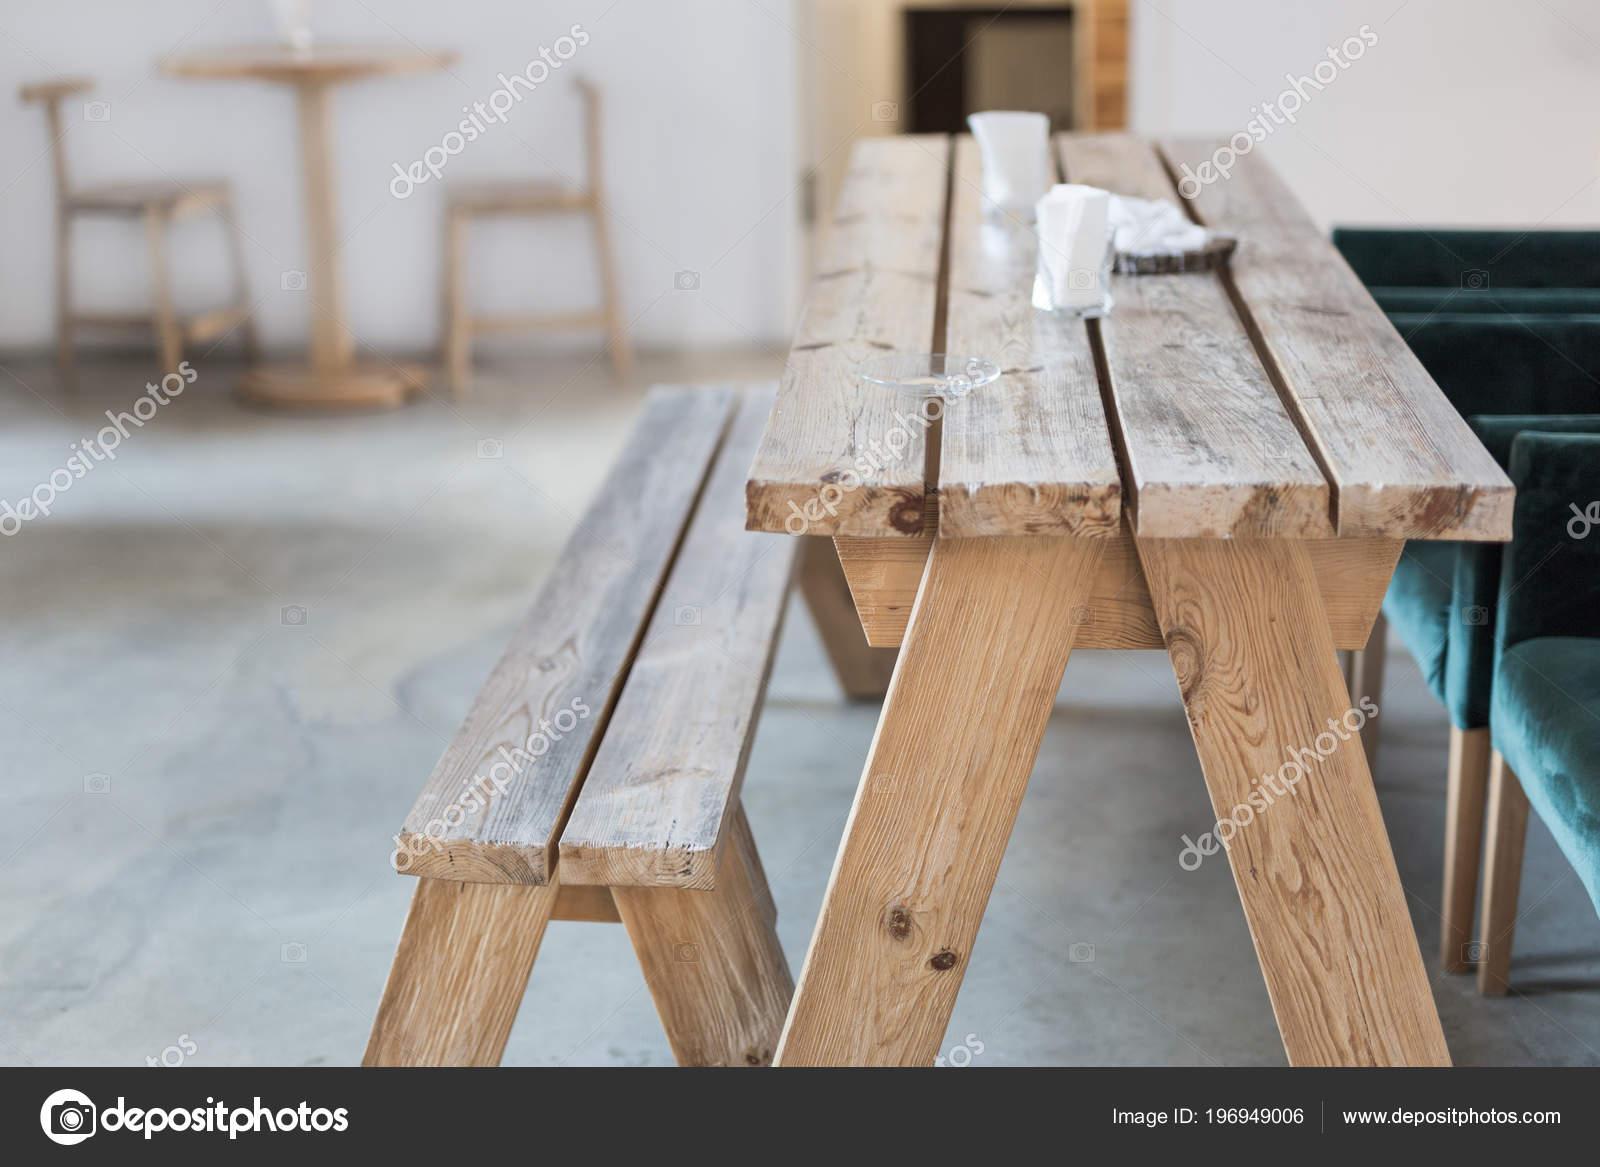 Banc Bois Table Intérieure Intérieur Rustique Rural Présentation